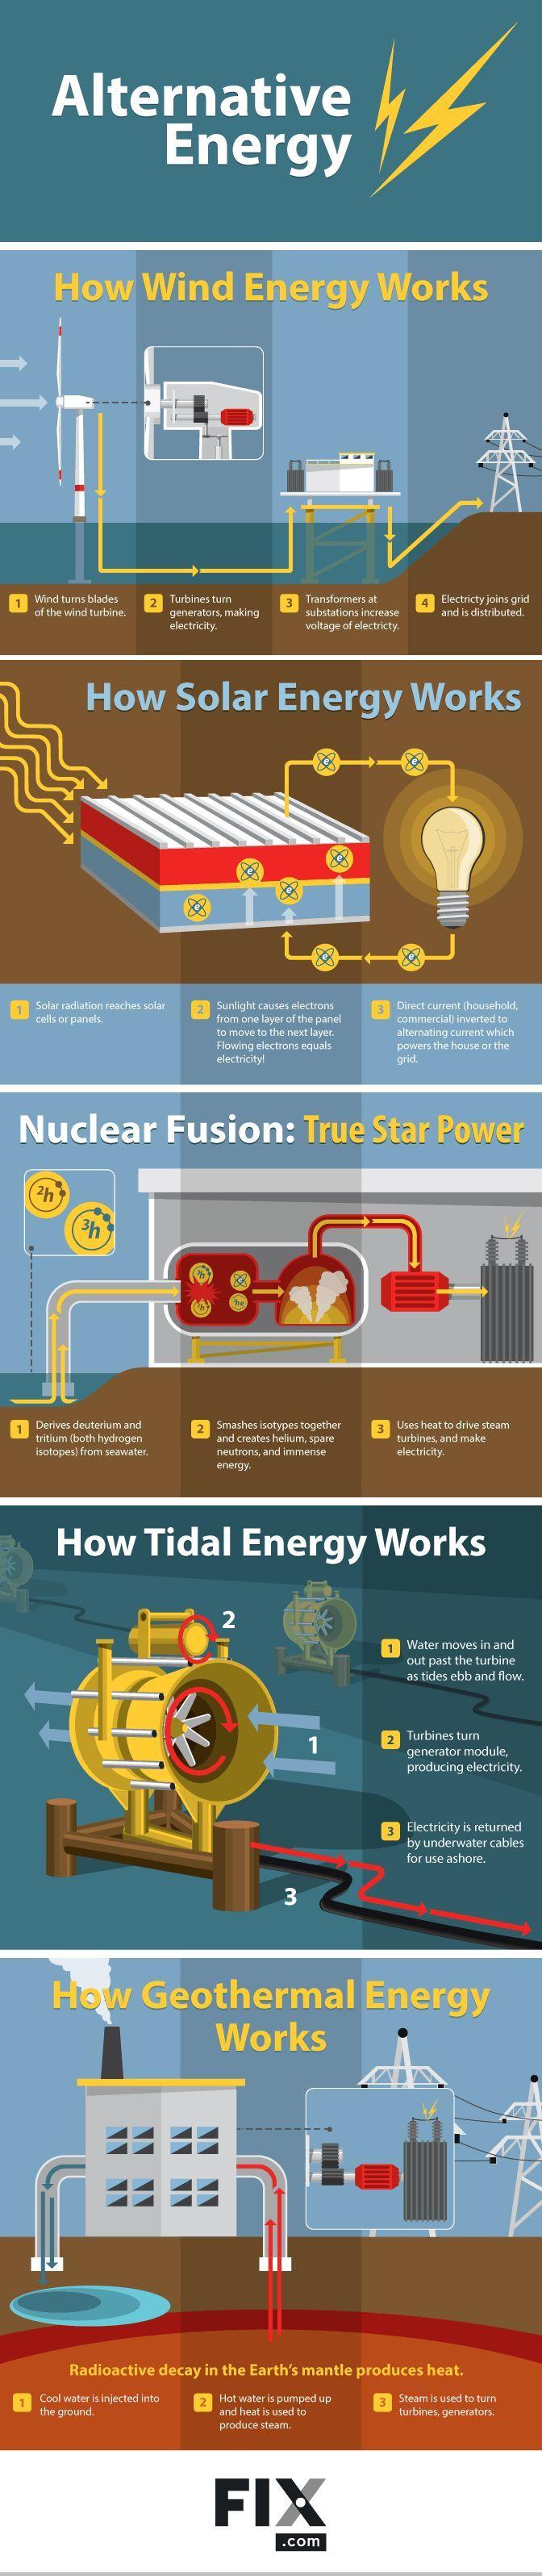 Understanding Alternative Energies Infographic Alternative Energy How Solar Energy Works Renewable Energy